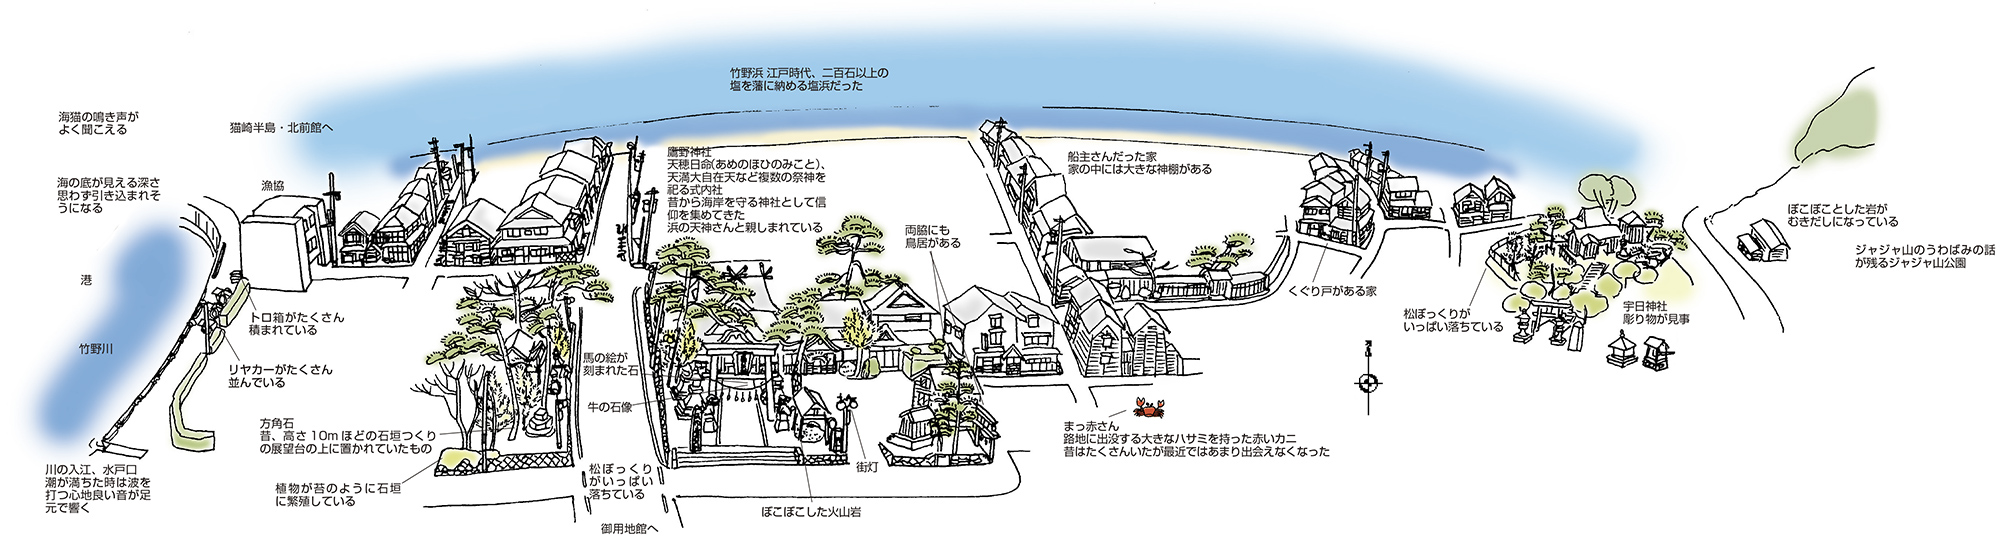 海が見える路地<豊岡市竹野町>(Vol.32/1998年7月発行)